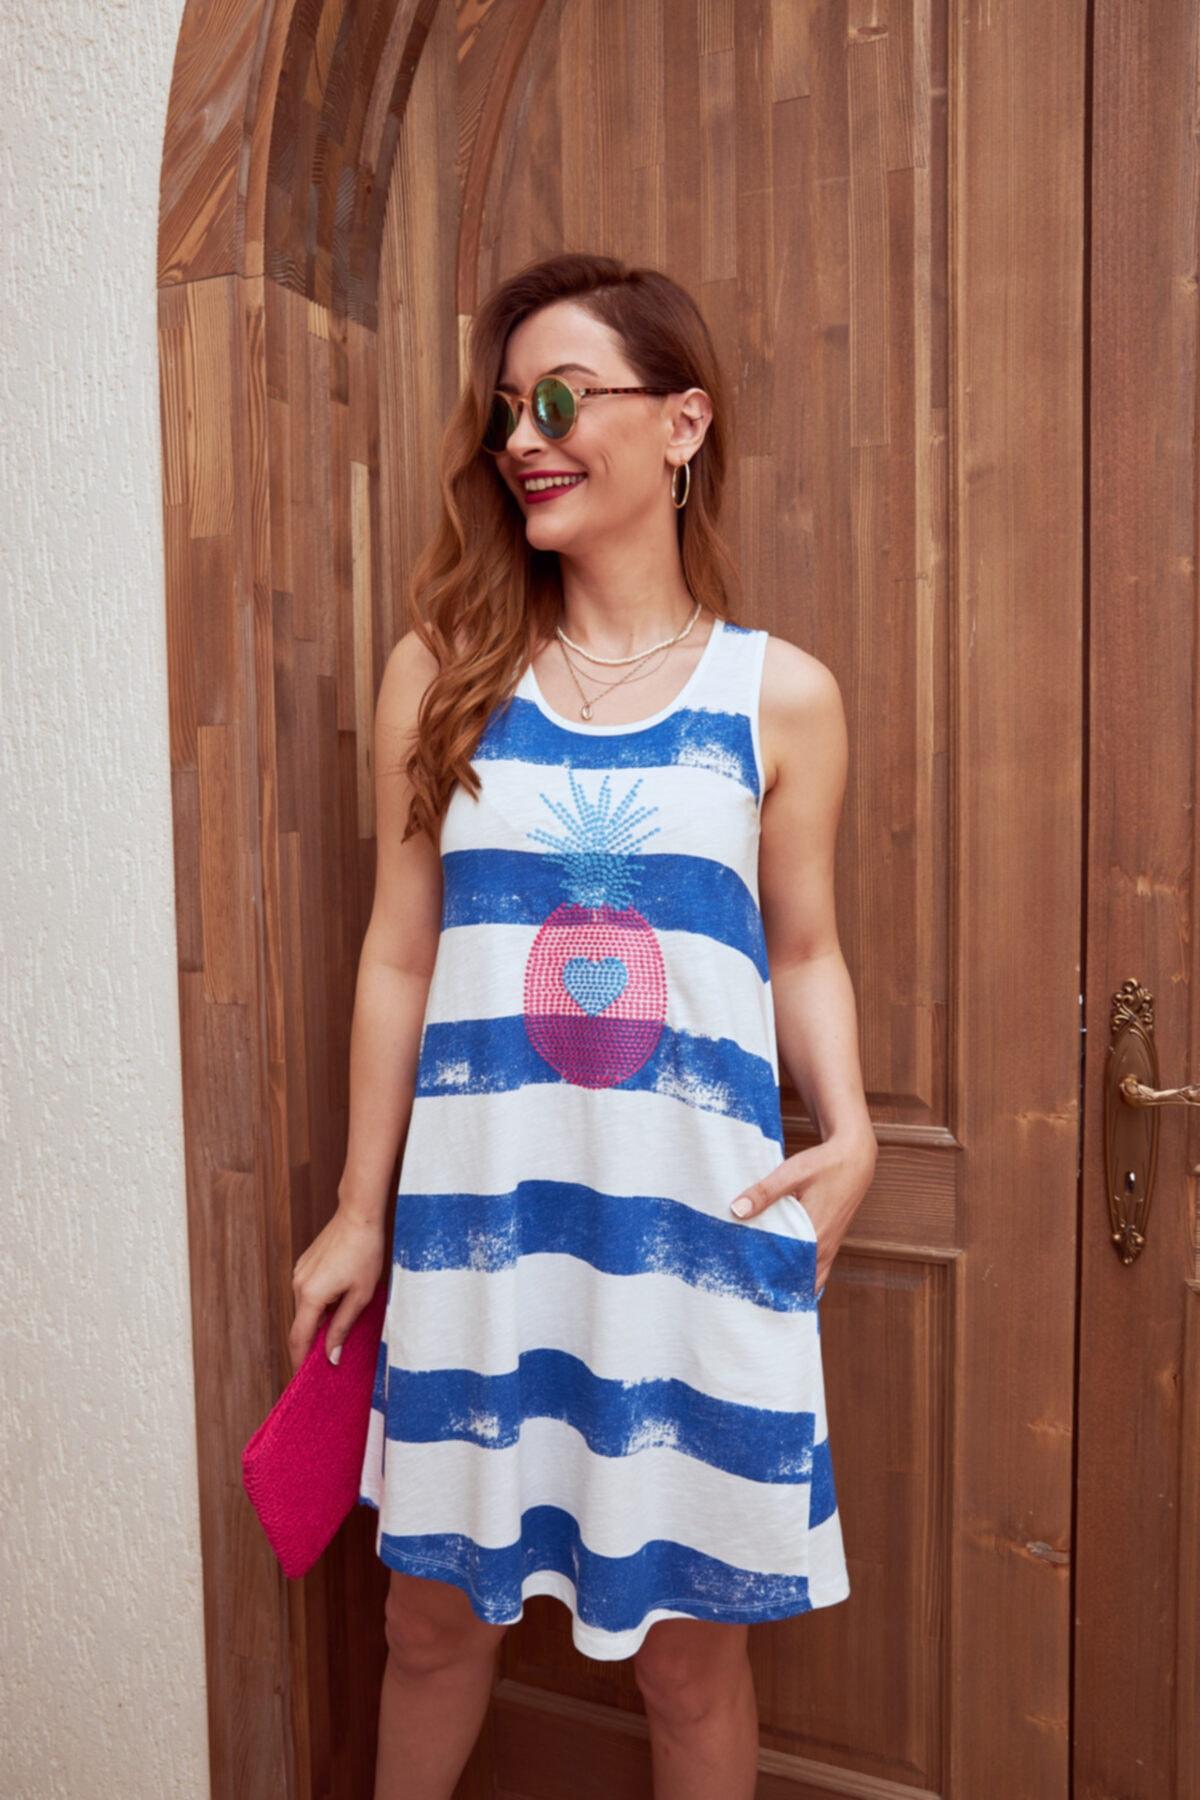 MYSUMMERBLUE Çizgili Önü Nakışlı Kolsuz Cepli Cancun Kadın Plaj/ev Elbisesi 2